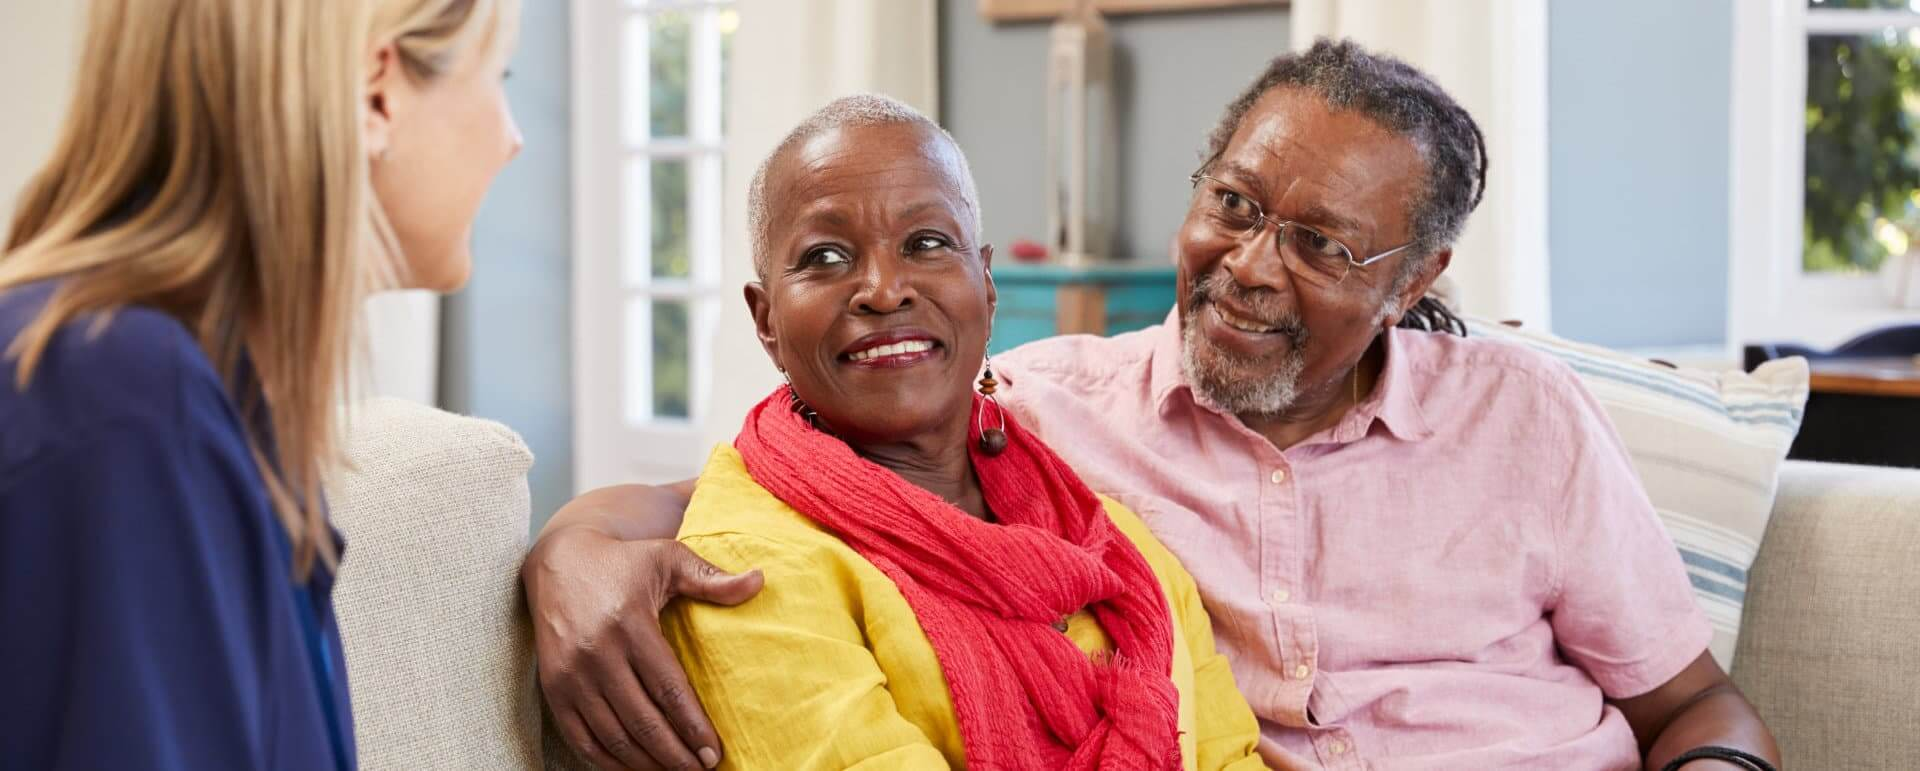 happy senior couple talking to their therapist